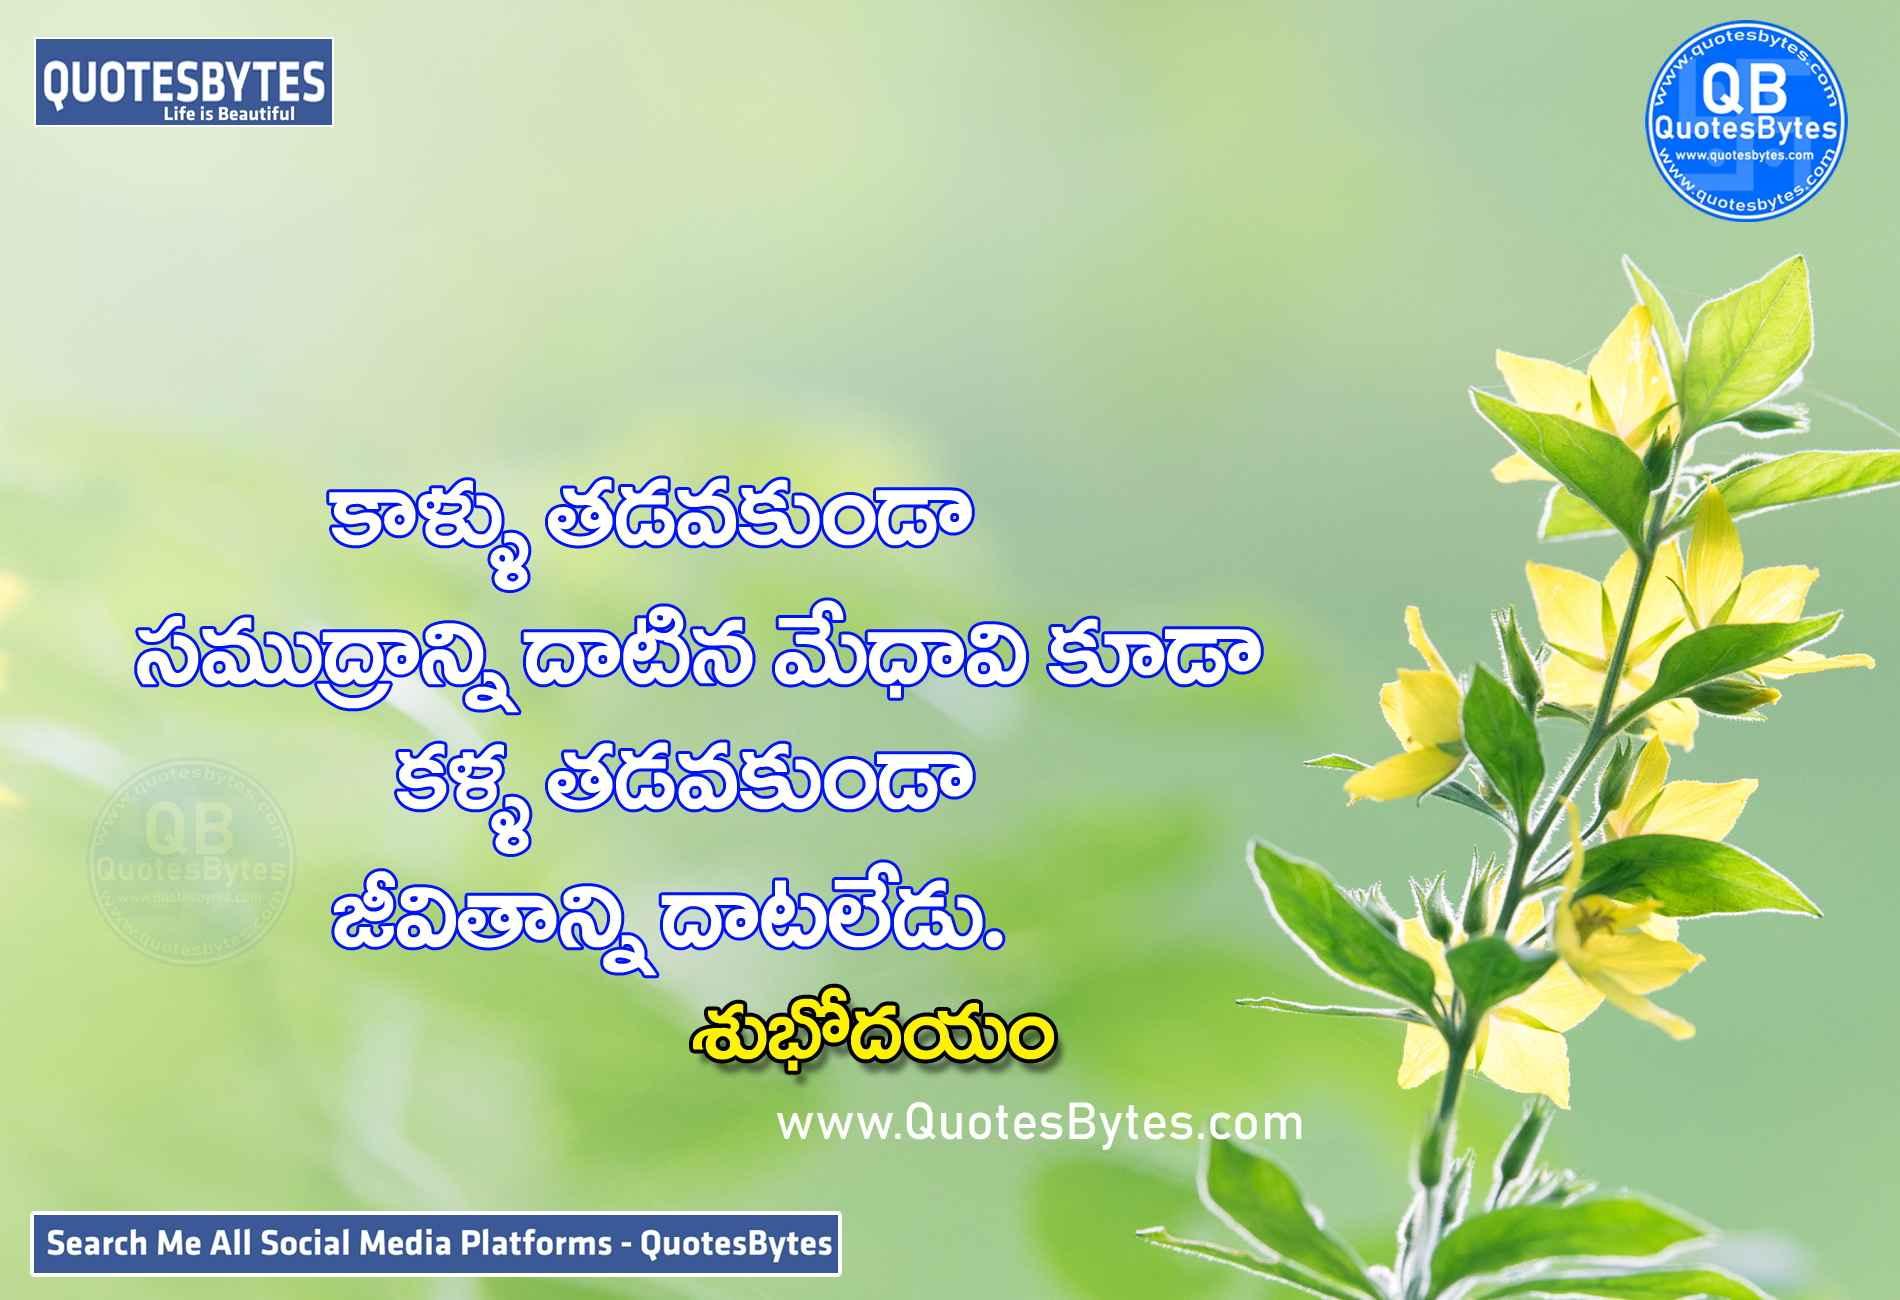 good morning images in telugu-Telugu Good Morning Images